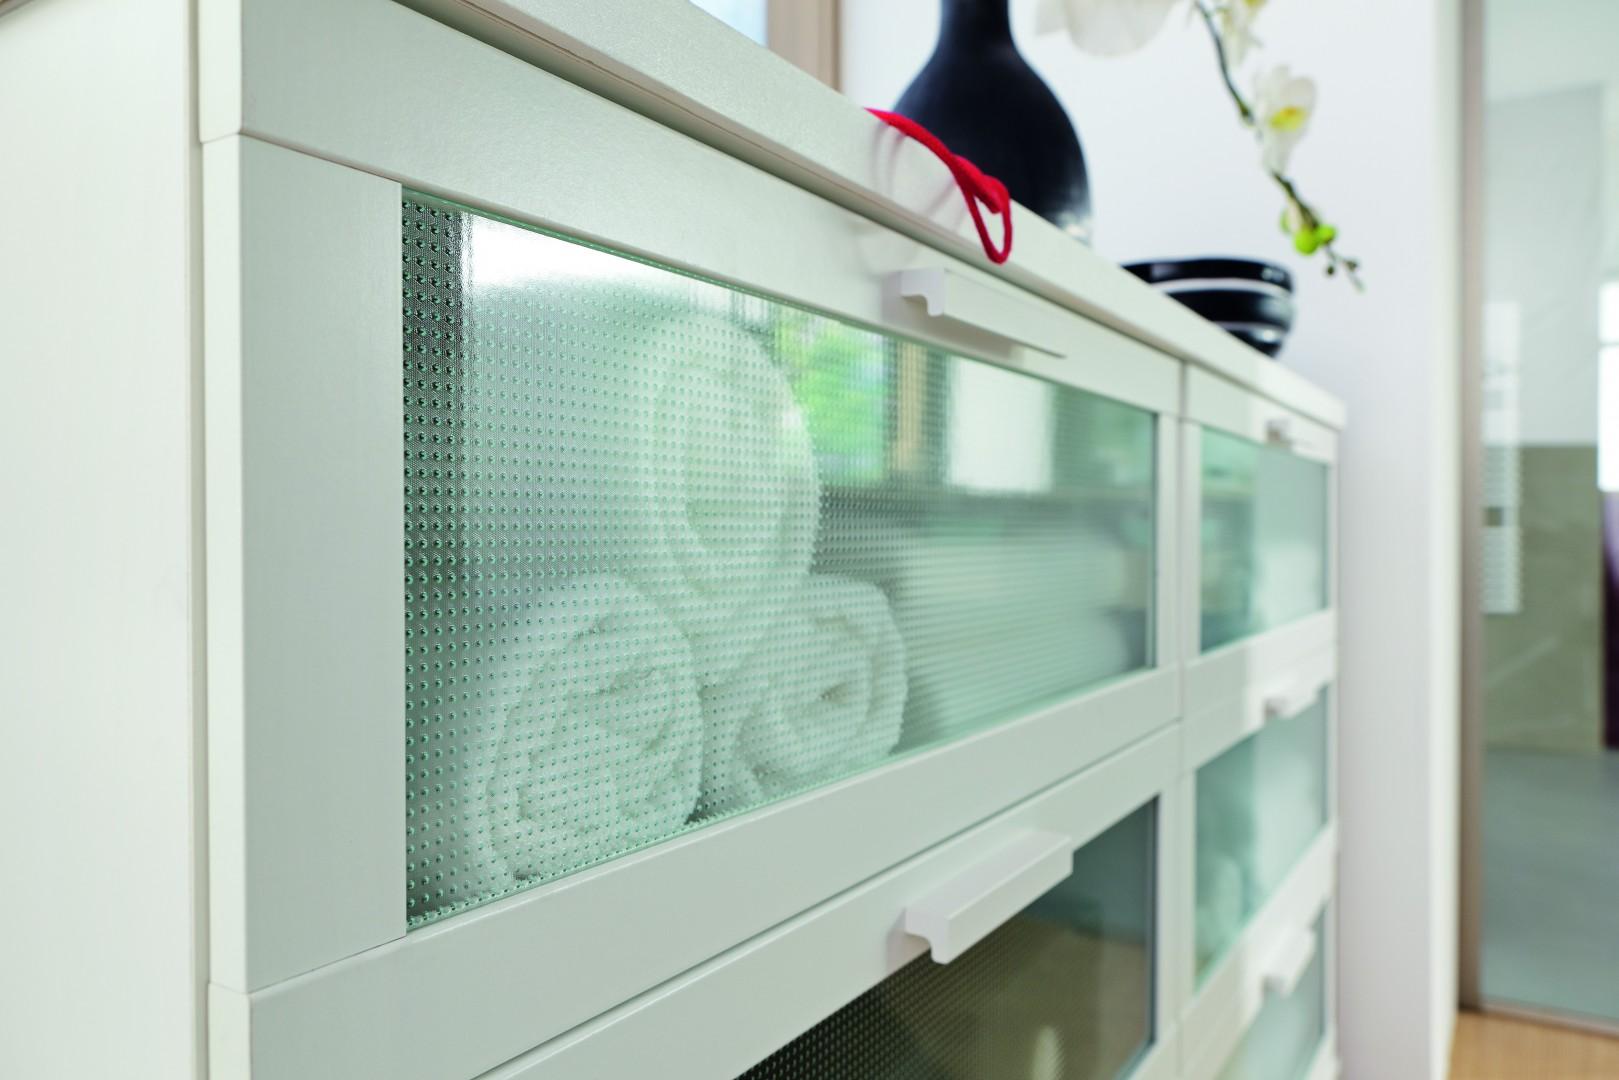 Szkło ornamentowe może być prawdziwą ozdobą mebli. Fot. Saint-Gobain-Glassolutions